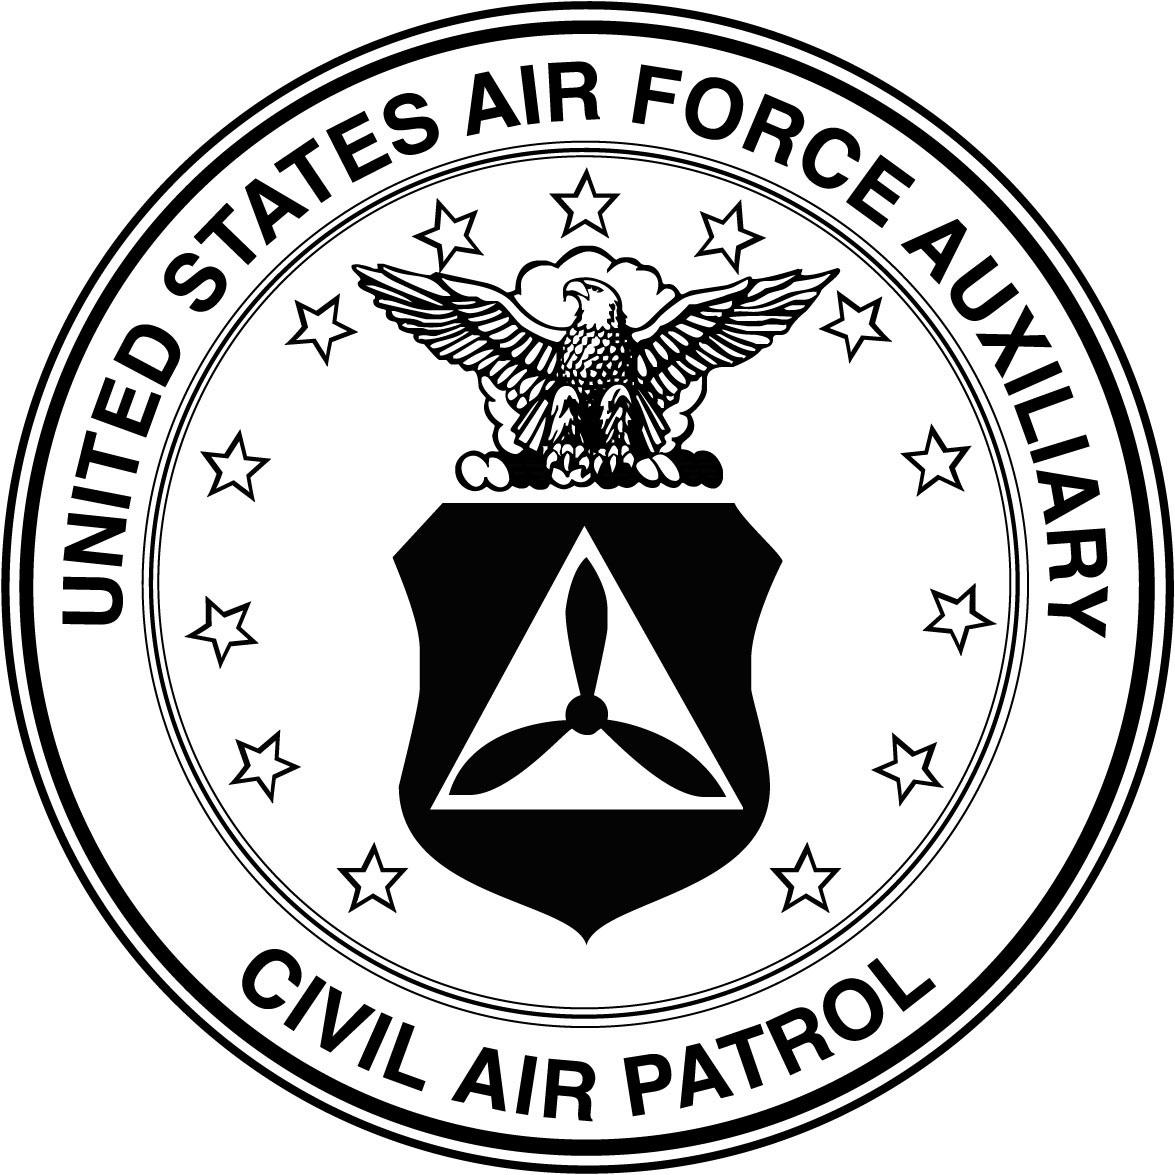 United States Air Force Auxiliary Civil Air Patrol Seal B W